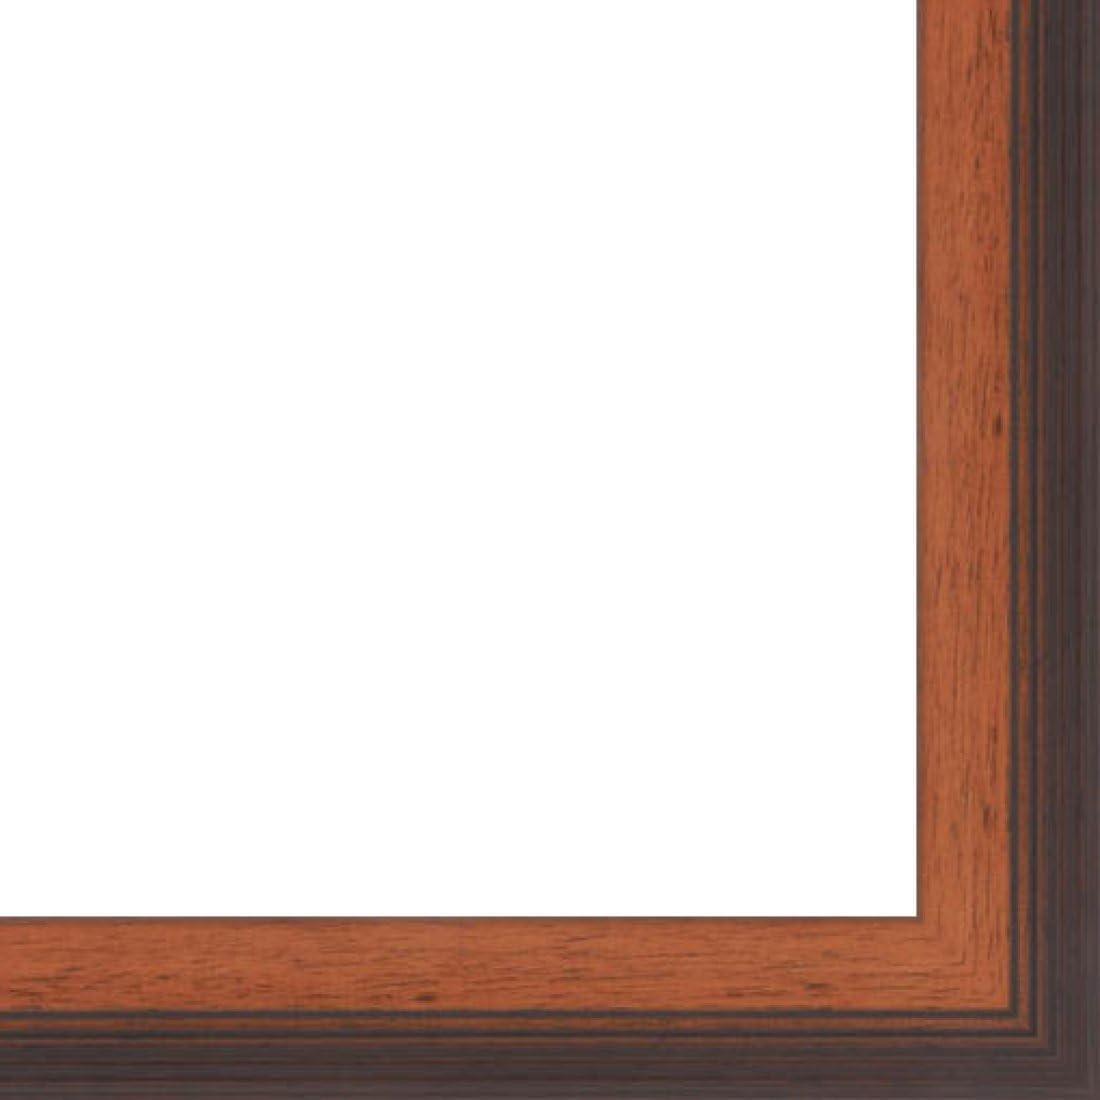 9//16 Rabbet Depth Picture Frame Moulding Wood Traditional Walnut Finish 18ft Bundle 1.5 Width